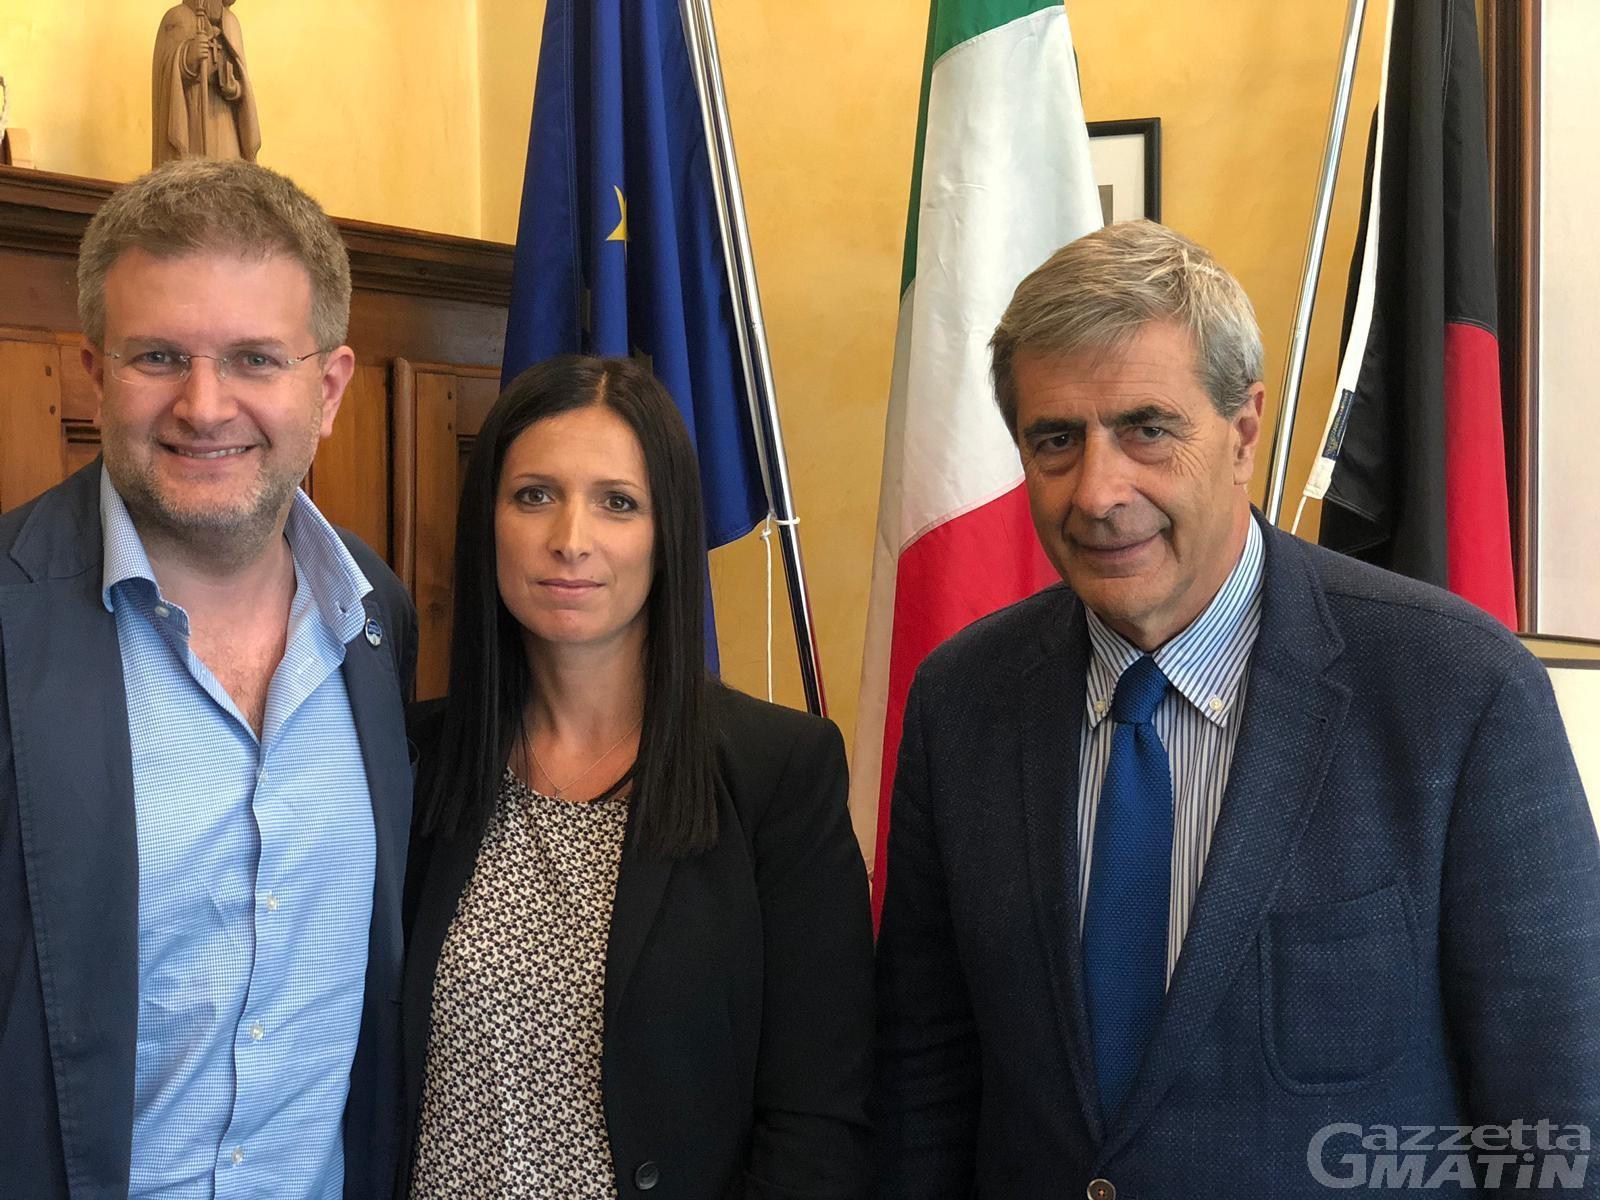 Front Valdôtain e FdI, continua l'intesa: l'europarlamentare Fidanza in visita ad Aosta